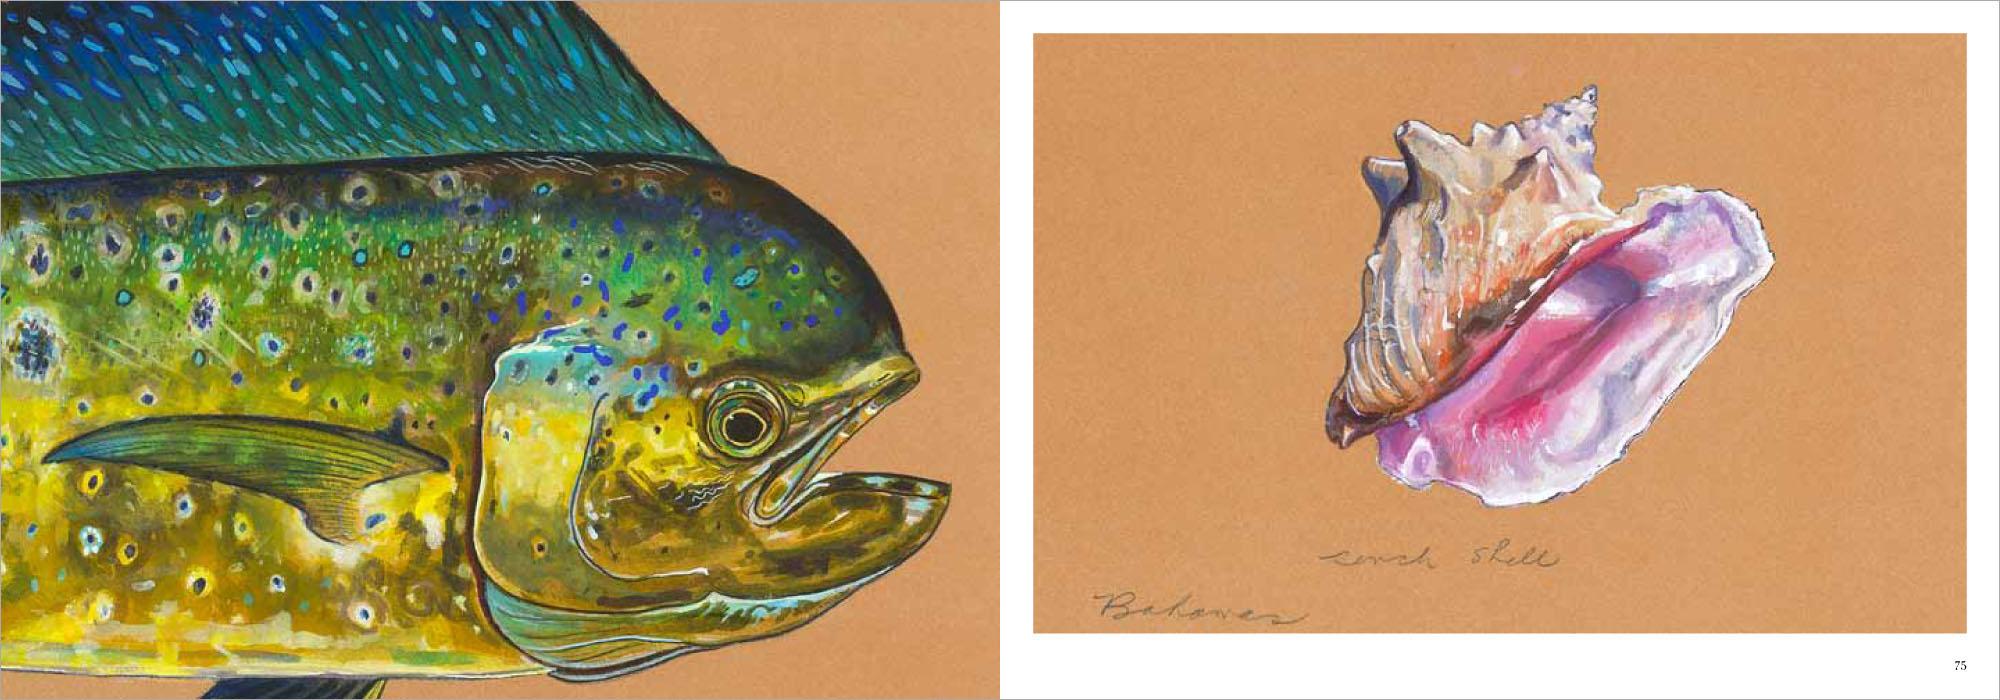 02.fishpart1-24.jpg